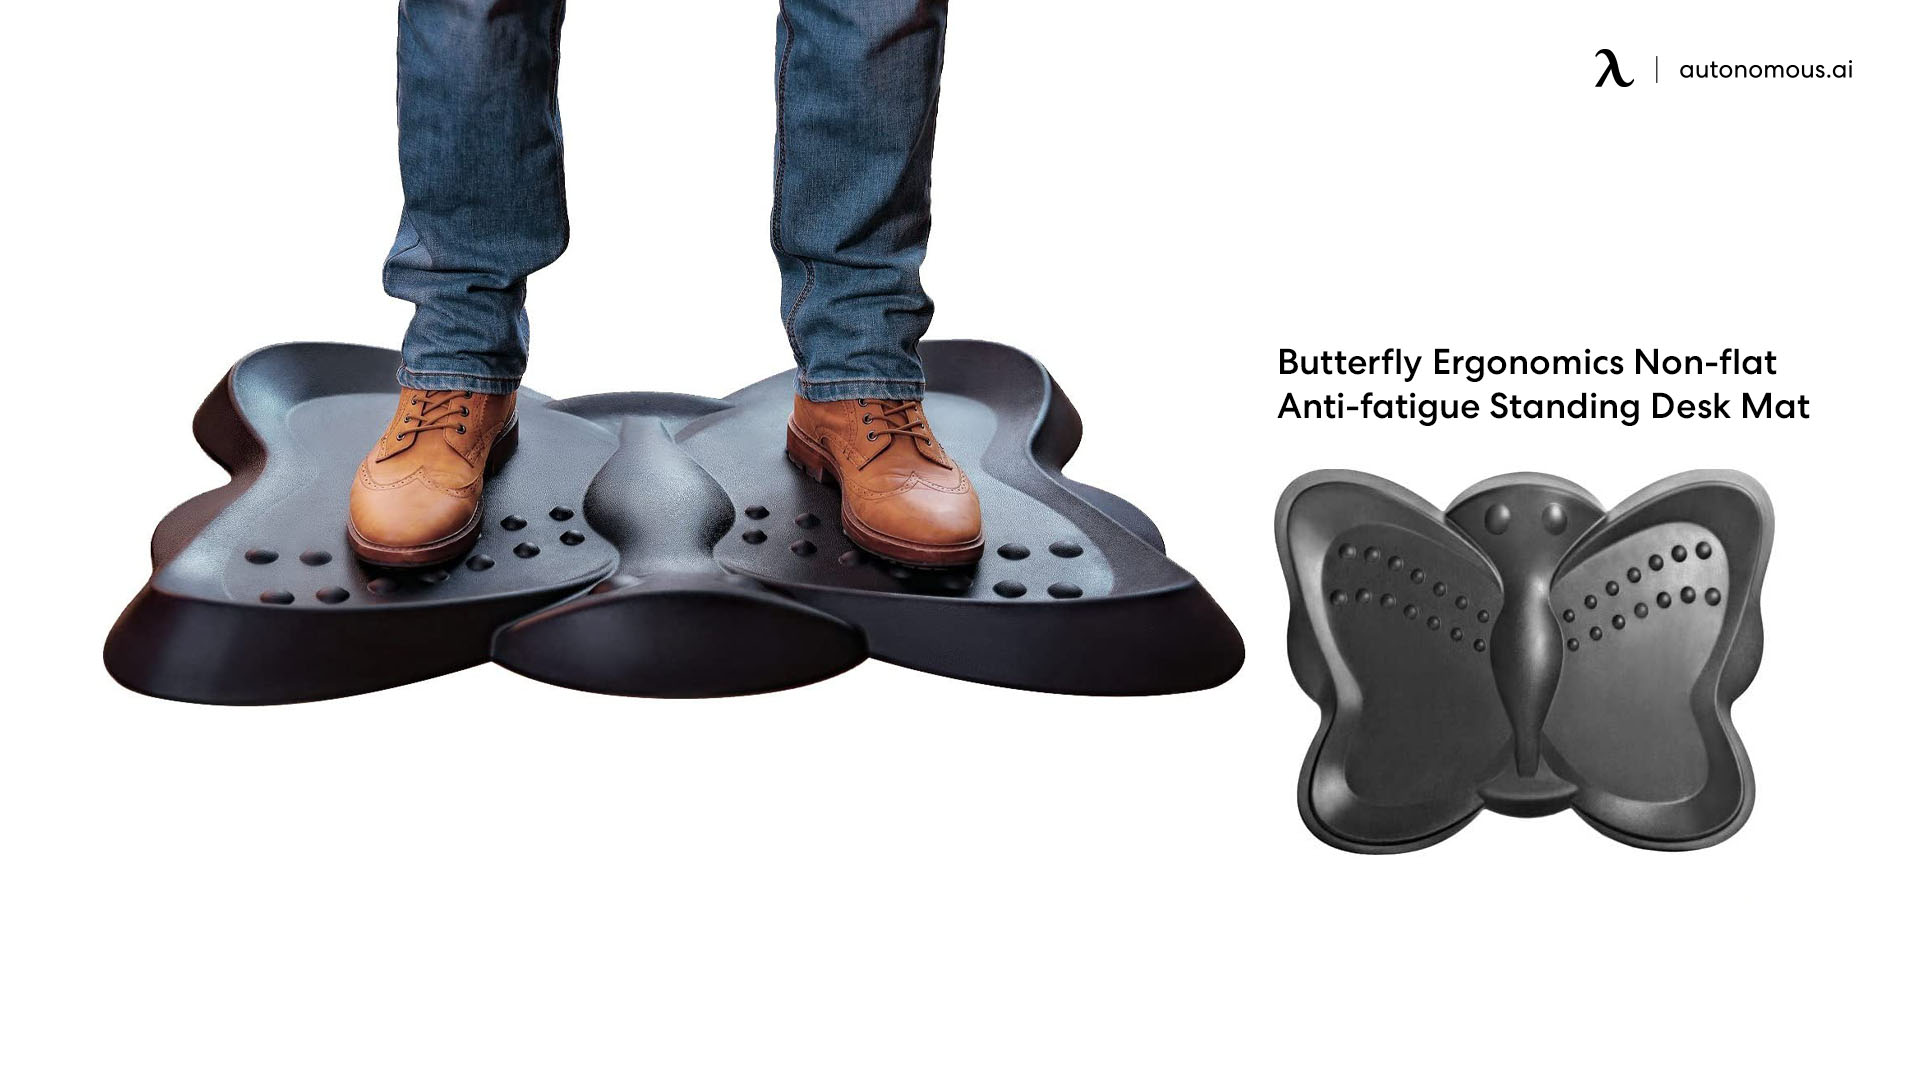 Butterfly Ergonomics Non-flat Anti-fatigue Standing Desk Mat